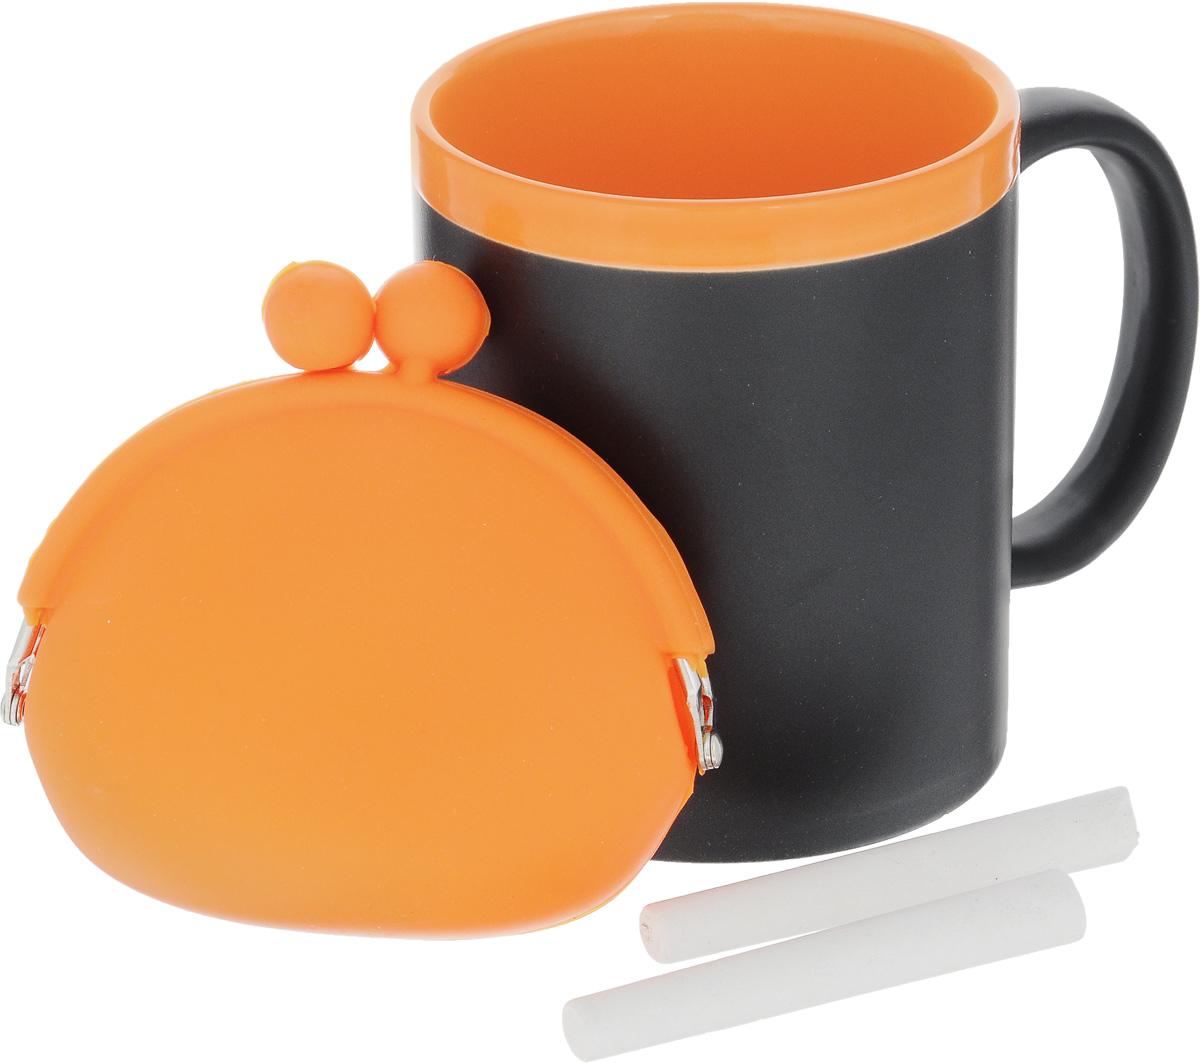 Набор подарочный Феникс-Презент Magic Home: кружка, мелки, кошелек, цвет: черный, оранжевый41174Подарочный набор Феникс-Презент Magic Home включает в себя кружку с поверхностью, на которой можно писать, силиконовый кошелек и 2 мелка. Все элементы внимательно совмещены и удачно подходят друг к другу. Все изделия выполнены из высококачественных материалов. Такой набор будет отличной находкой для себя или подарком для друга. Набор дополнит ваш образ и покажет вас в хорошем свете на презентации и в магазине. Объем кружки: 300 мл. Диаметр кружки: 8 см. Высота кружки: 9,7 см. Размер кошелька (без учета застежки): 10 х 8,5 см. Длина мелков: 7 см.